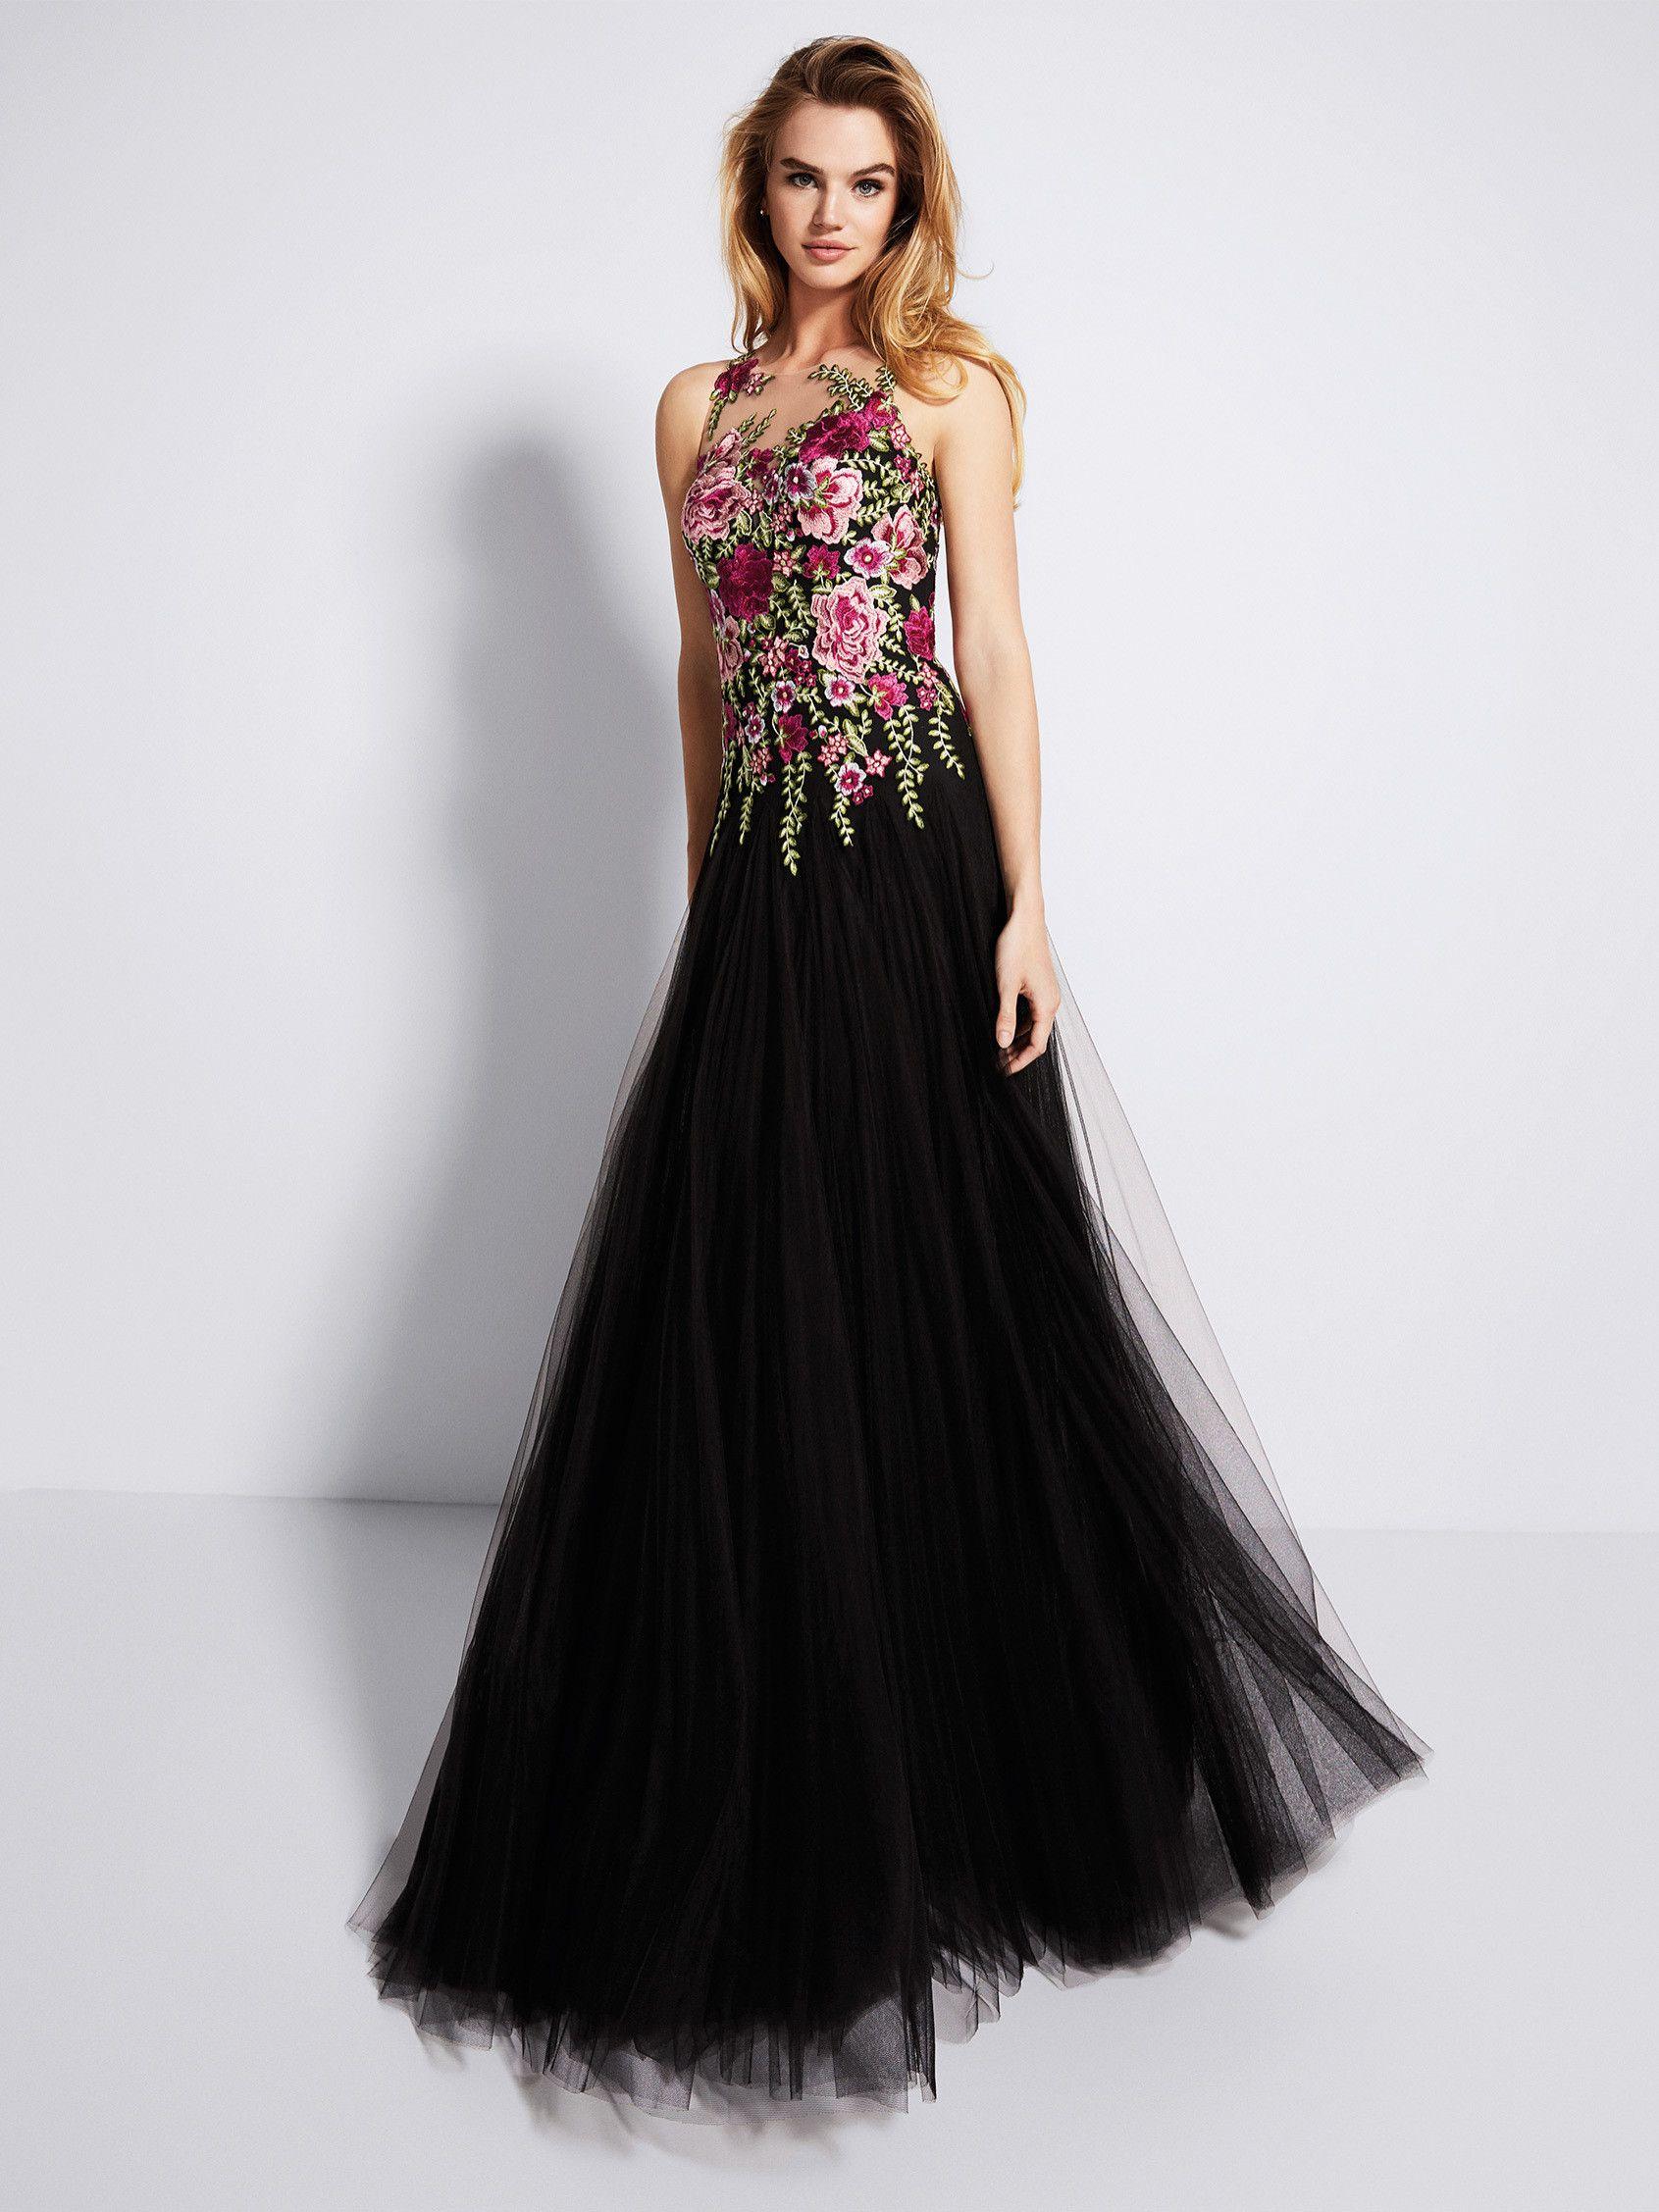 info for 4fdf1 4bdfe Abito da cerimonia nero con fiori | Abbigliamento ...